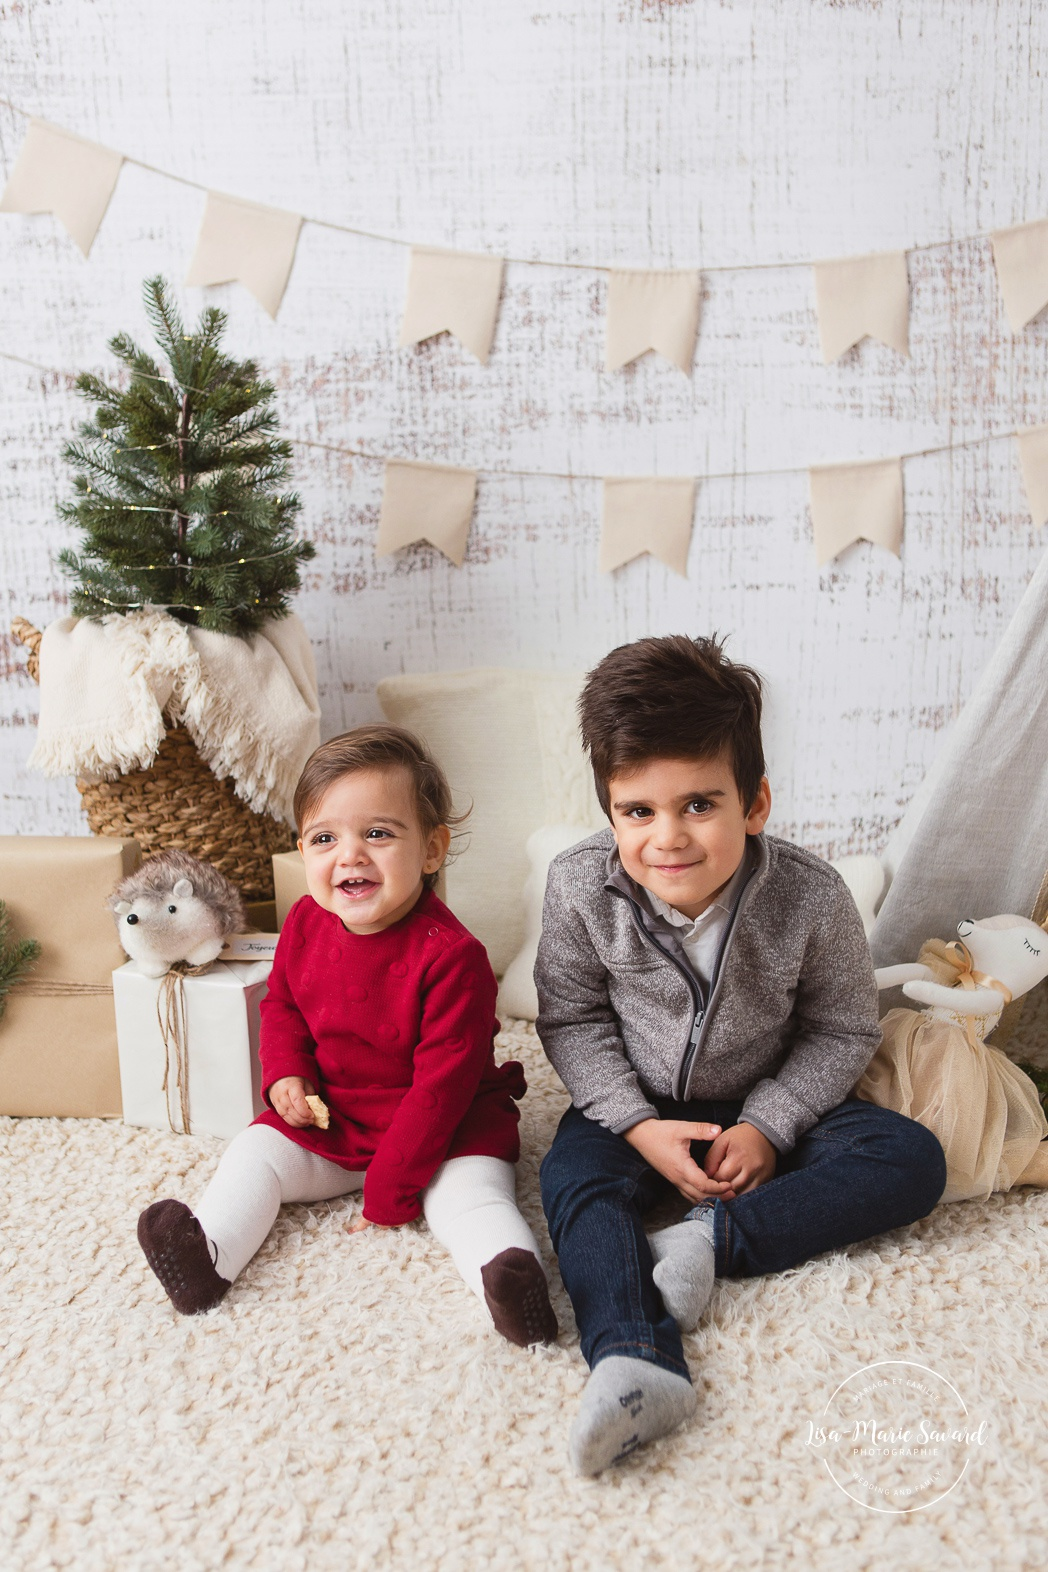 Photos d'enfants à Montréal. Photographe d'enfants à Montréal. Montreal children photographer. Montreal children photos.